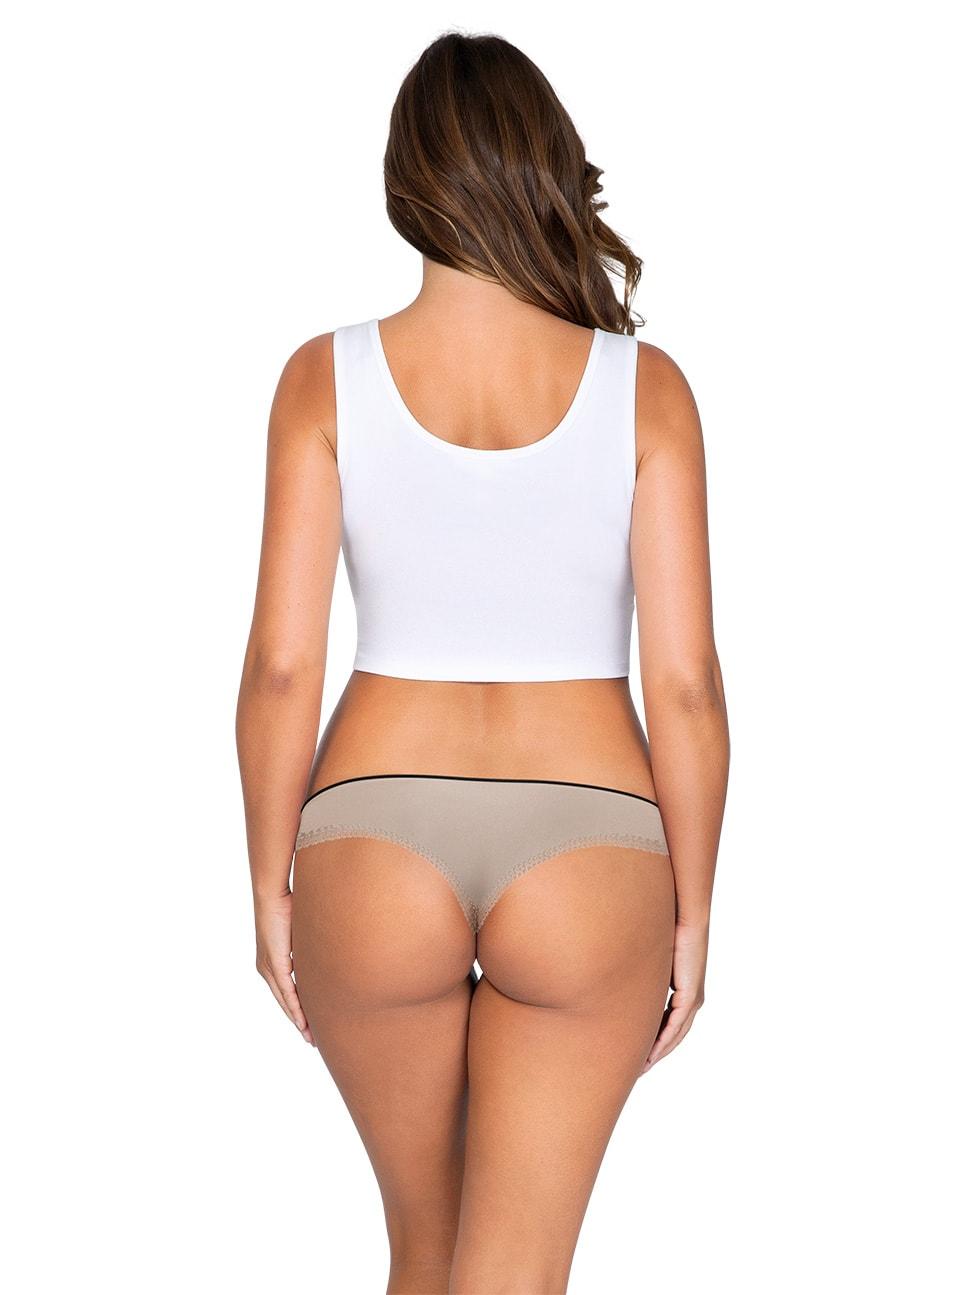 ParfaitPantyThong PP401 B NudeBack - So Lovely Thong European Nude PP401